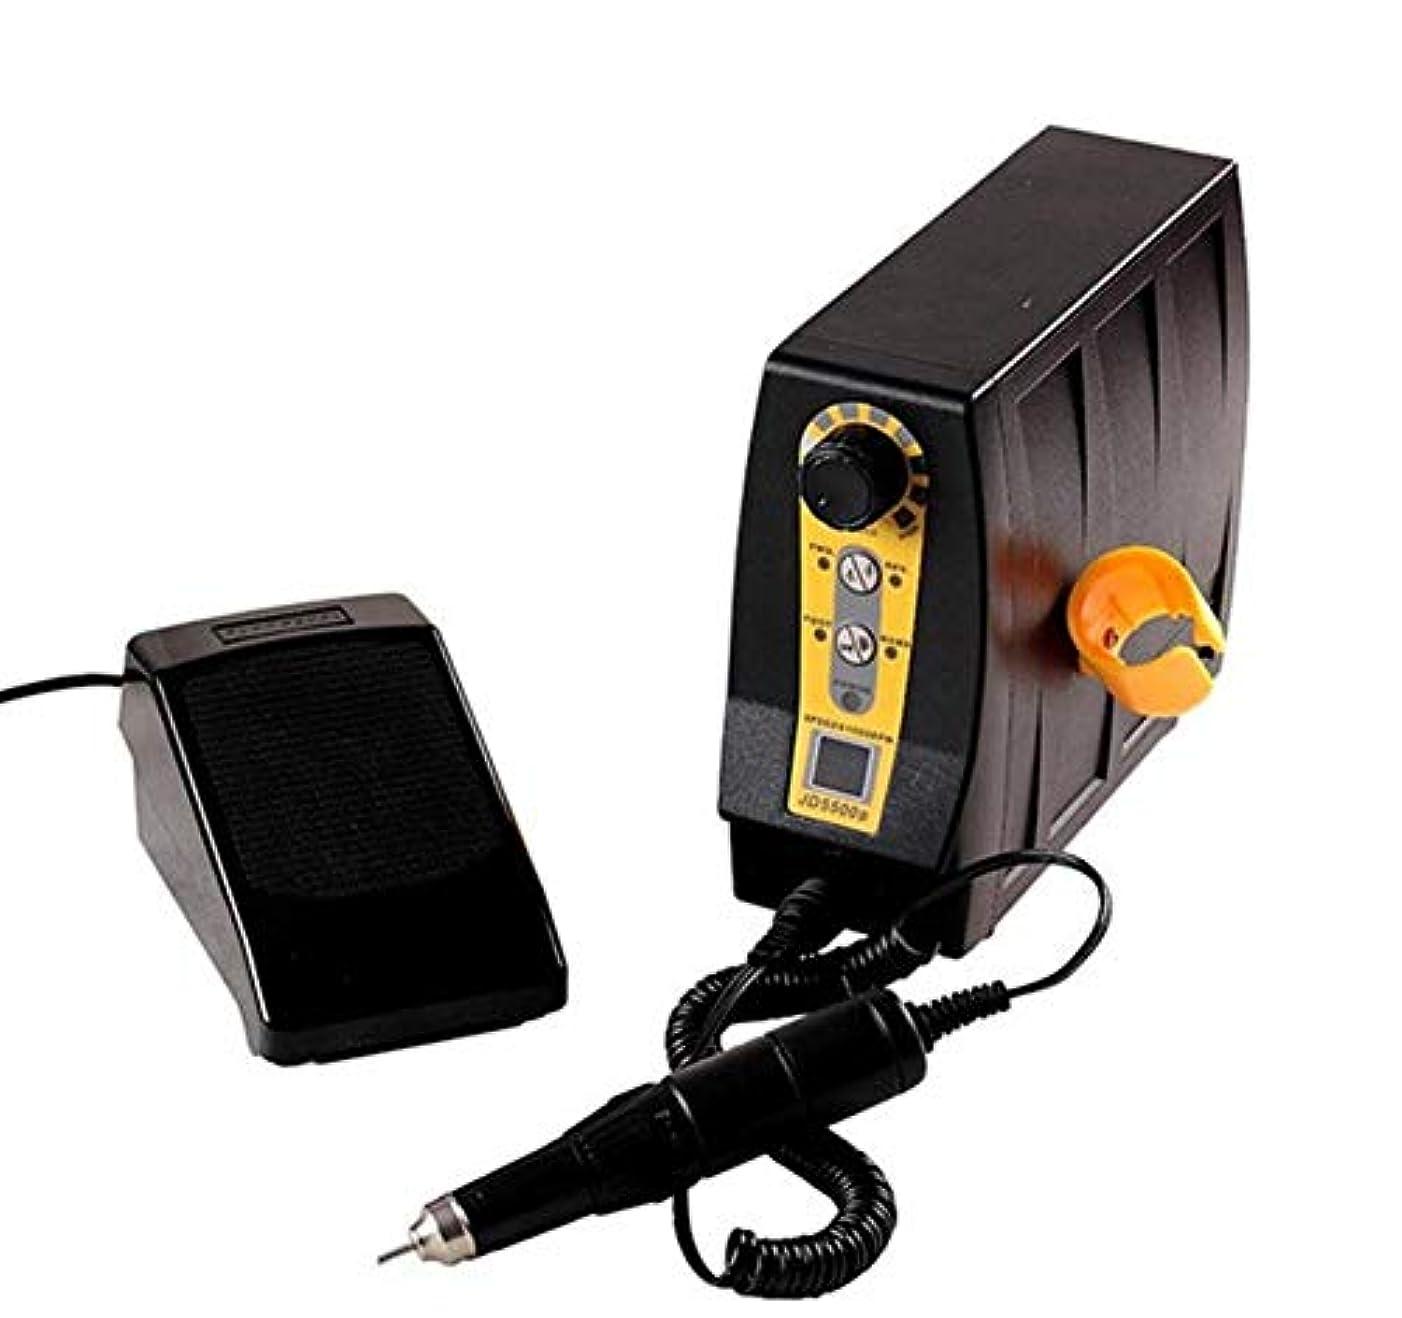 許容できるネストジャンプ電気35000 rpmネイルドリルネイルアート思いやりのある彫刻機器マニキュアペディキュアマシンネイルファイルネイルポリッシャードリルビットアクセサリー液晶ディスプレイ